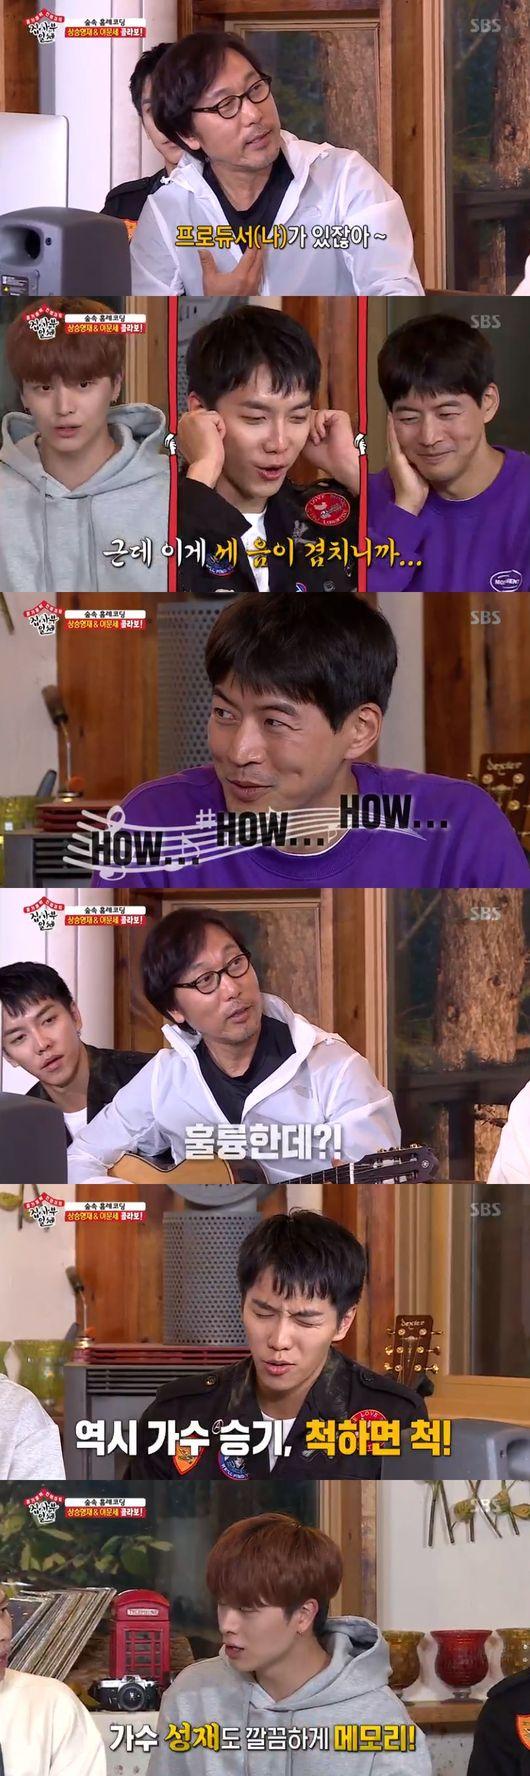 집사부일체 이문세, 봉평 아지트 최초공개..멤버들과 신곡 녹음 [종합]